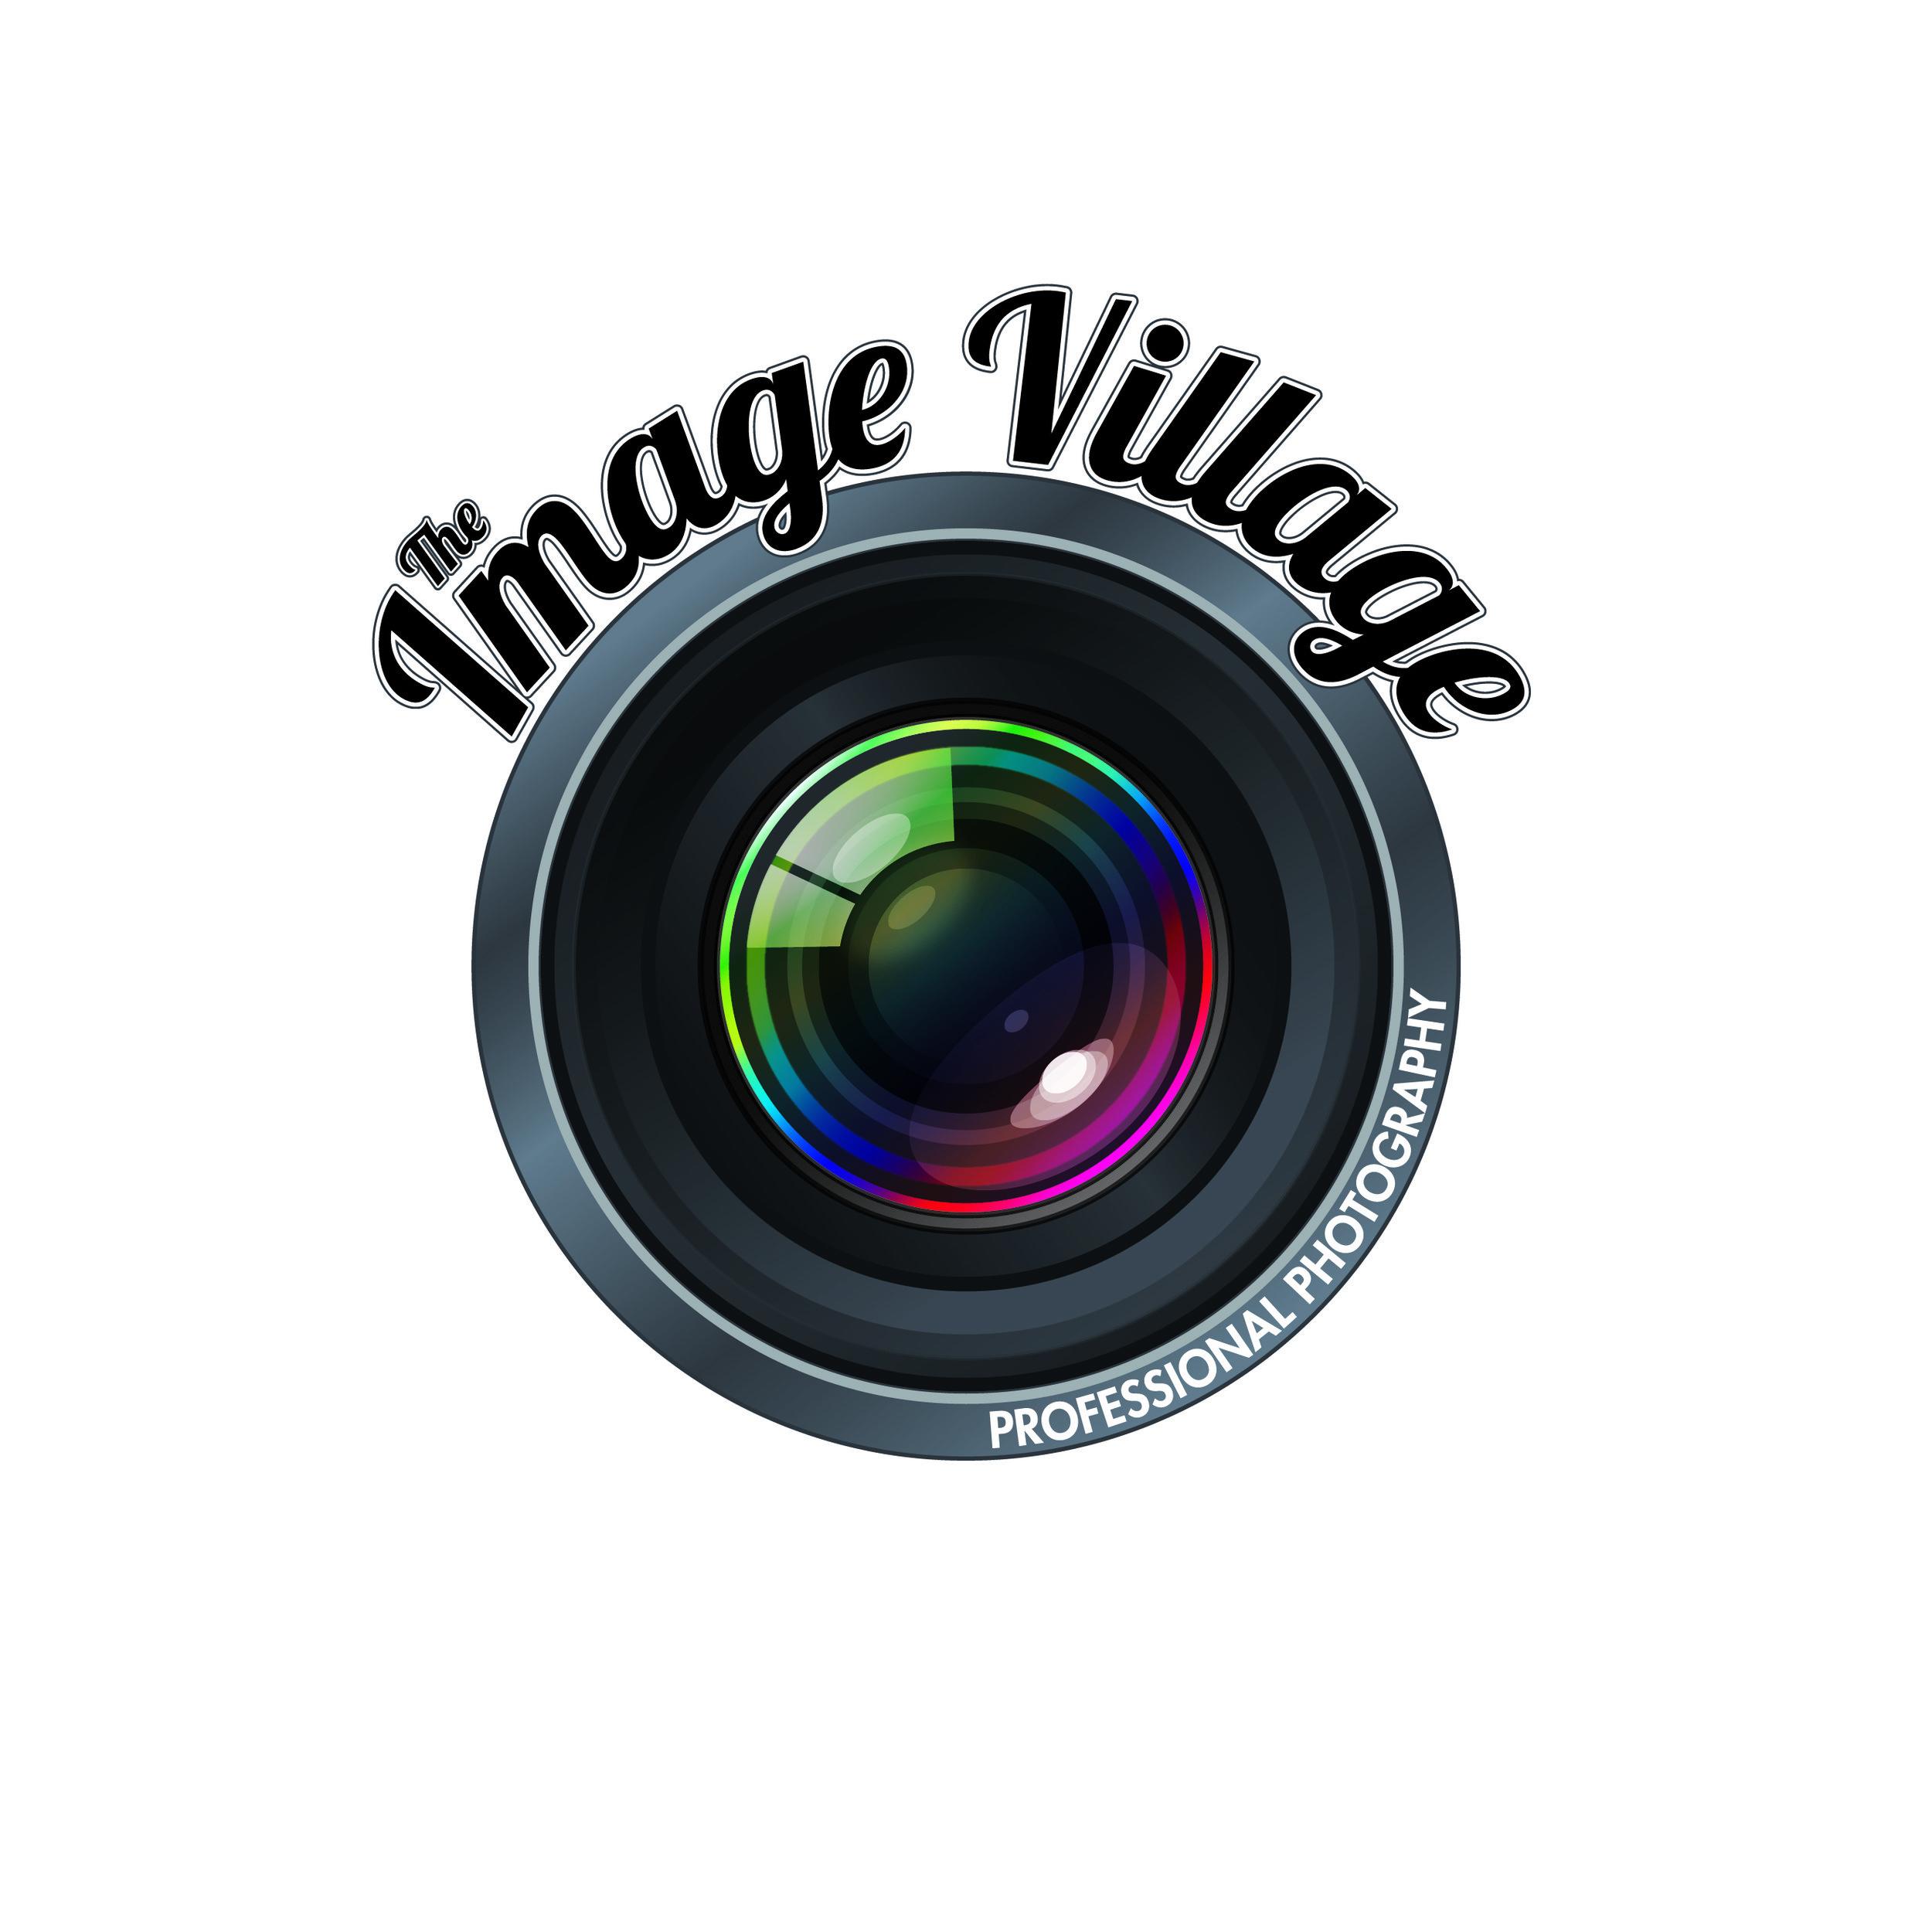 Image village logo 2.jpg